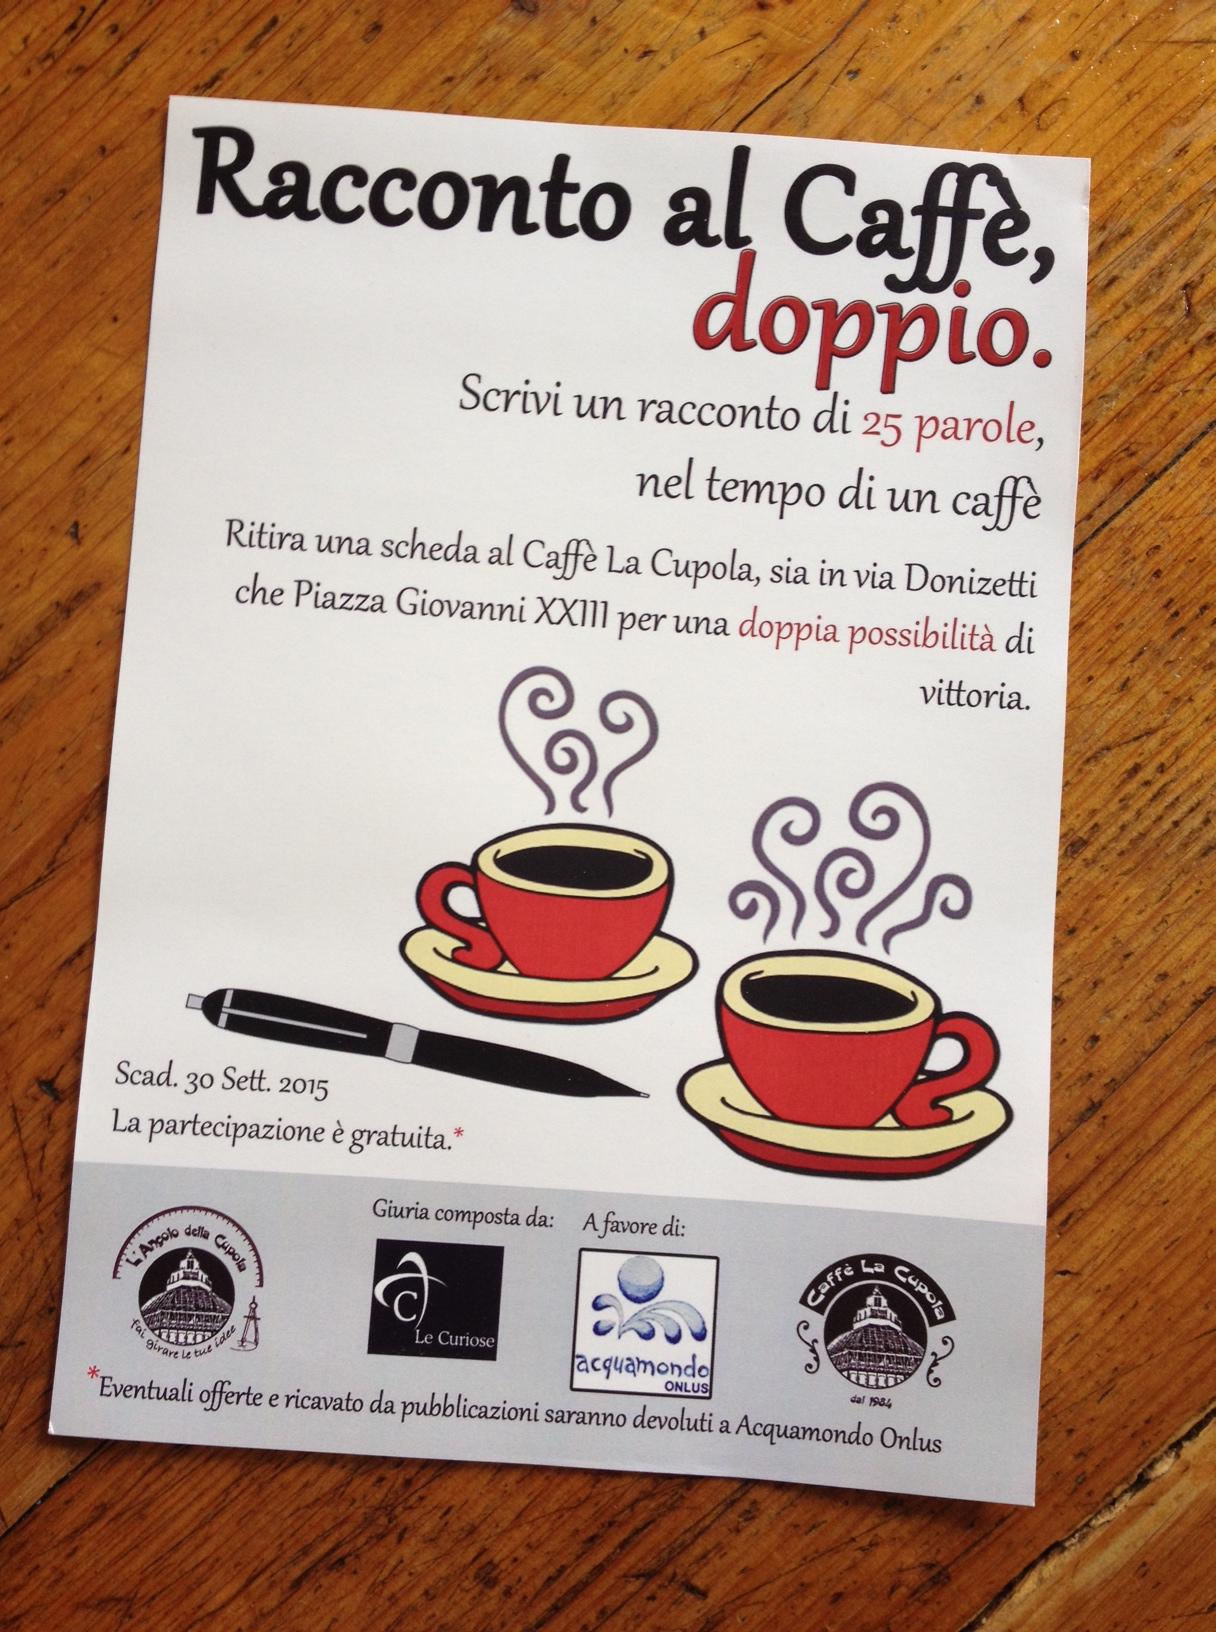 Goede Racconto al Caffè Doppio | Caffè La Cupola RE-59